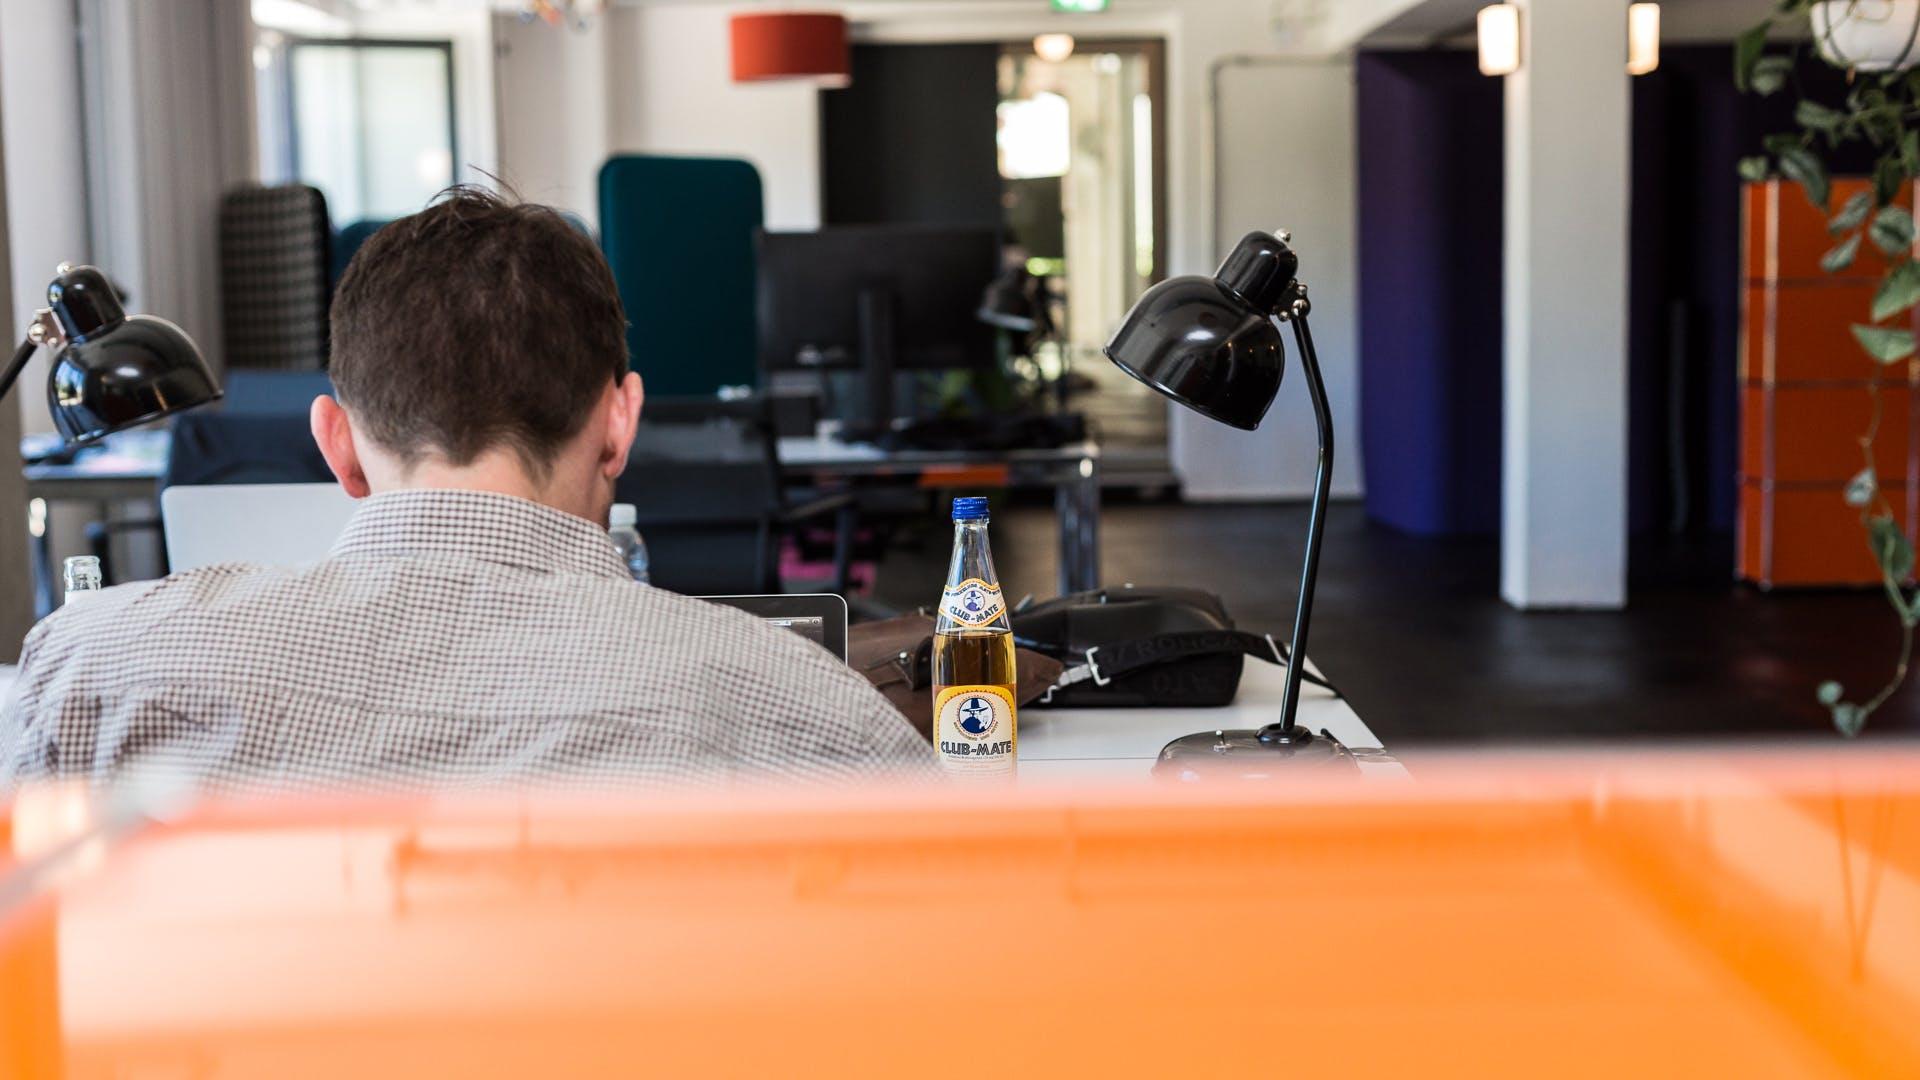 Kein Scherz: DIN-Norm für Startups geplant